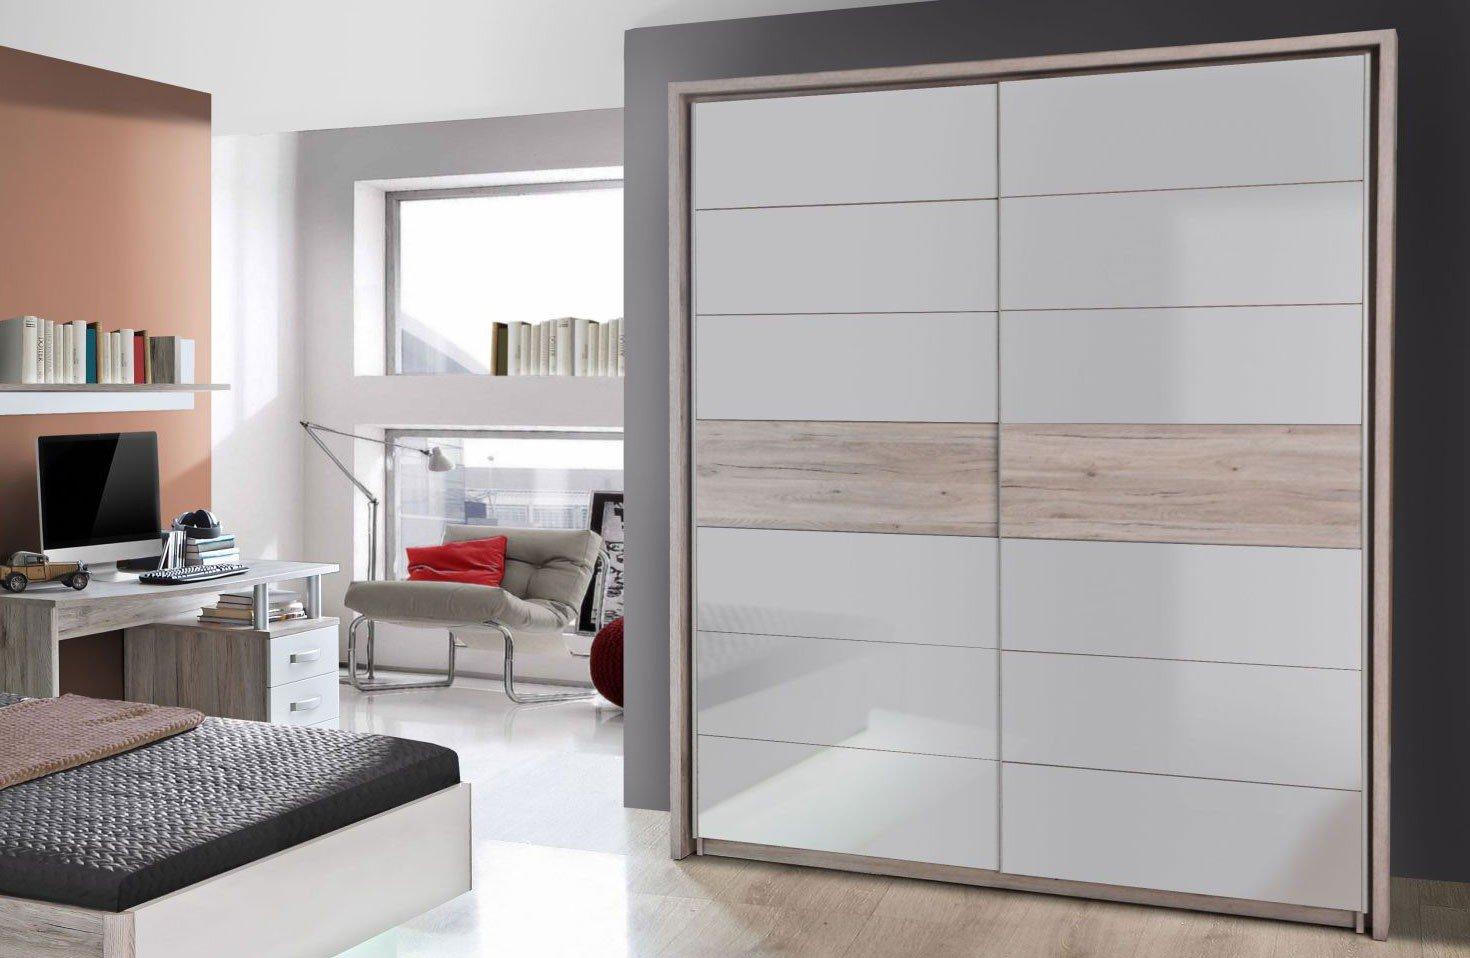 Rondino Bett 140 x 200 cm Sandeiche Nachbildung - Hochglanz weiß ...